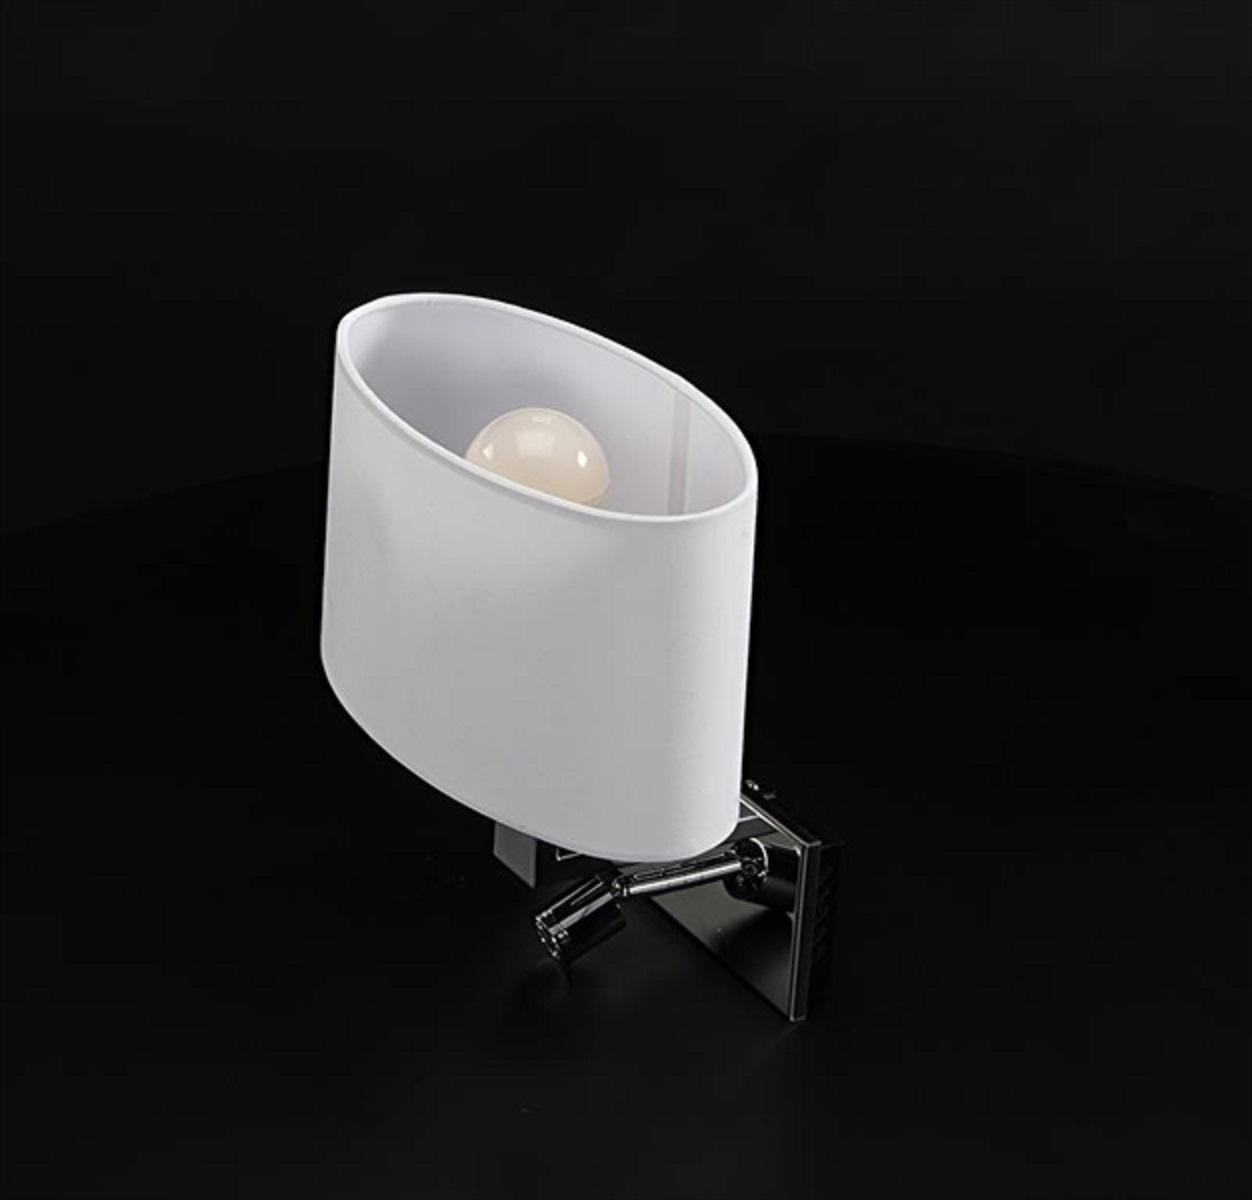 Lampada led da lettura - :: prova sito::: - Lampada con luce da ...